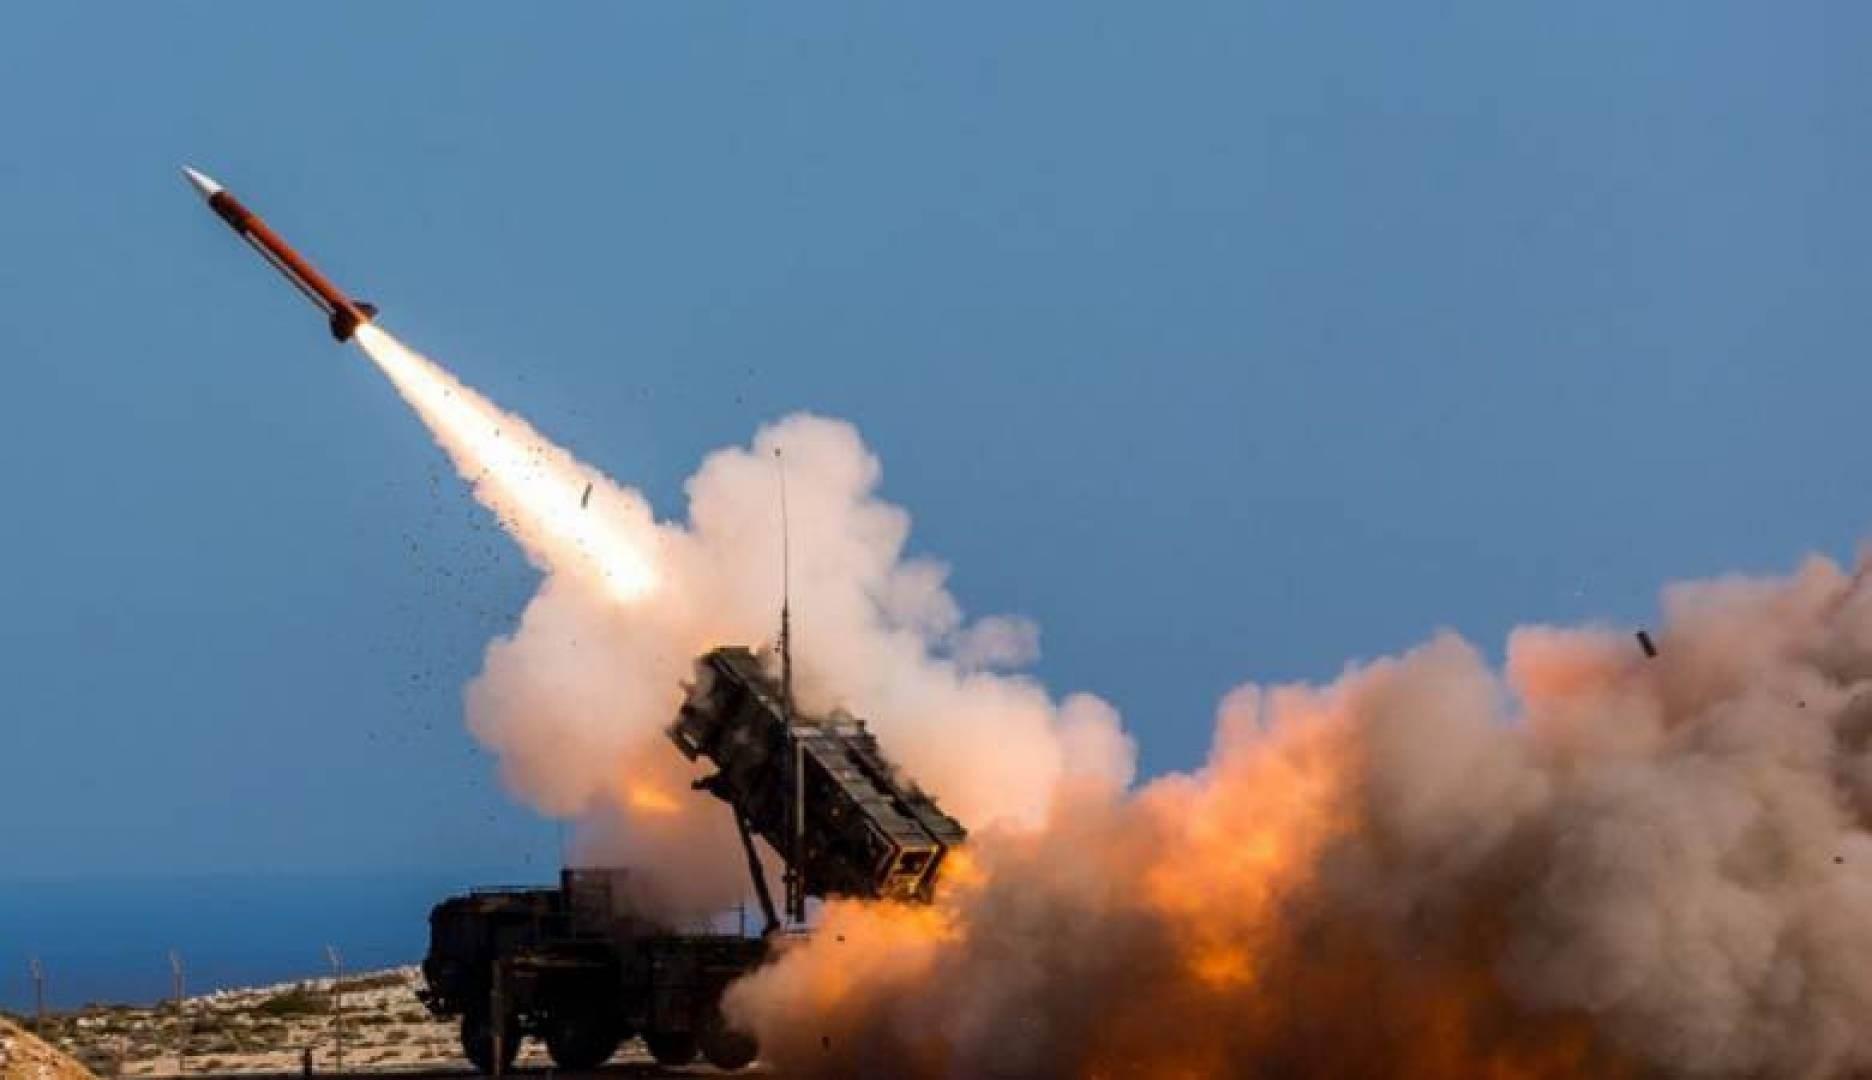 التحالف السعودي يعلن اعتراض 3 صواريخ بالستية أطلقت من اليمن باتجاه المملكة